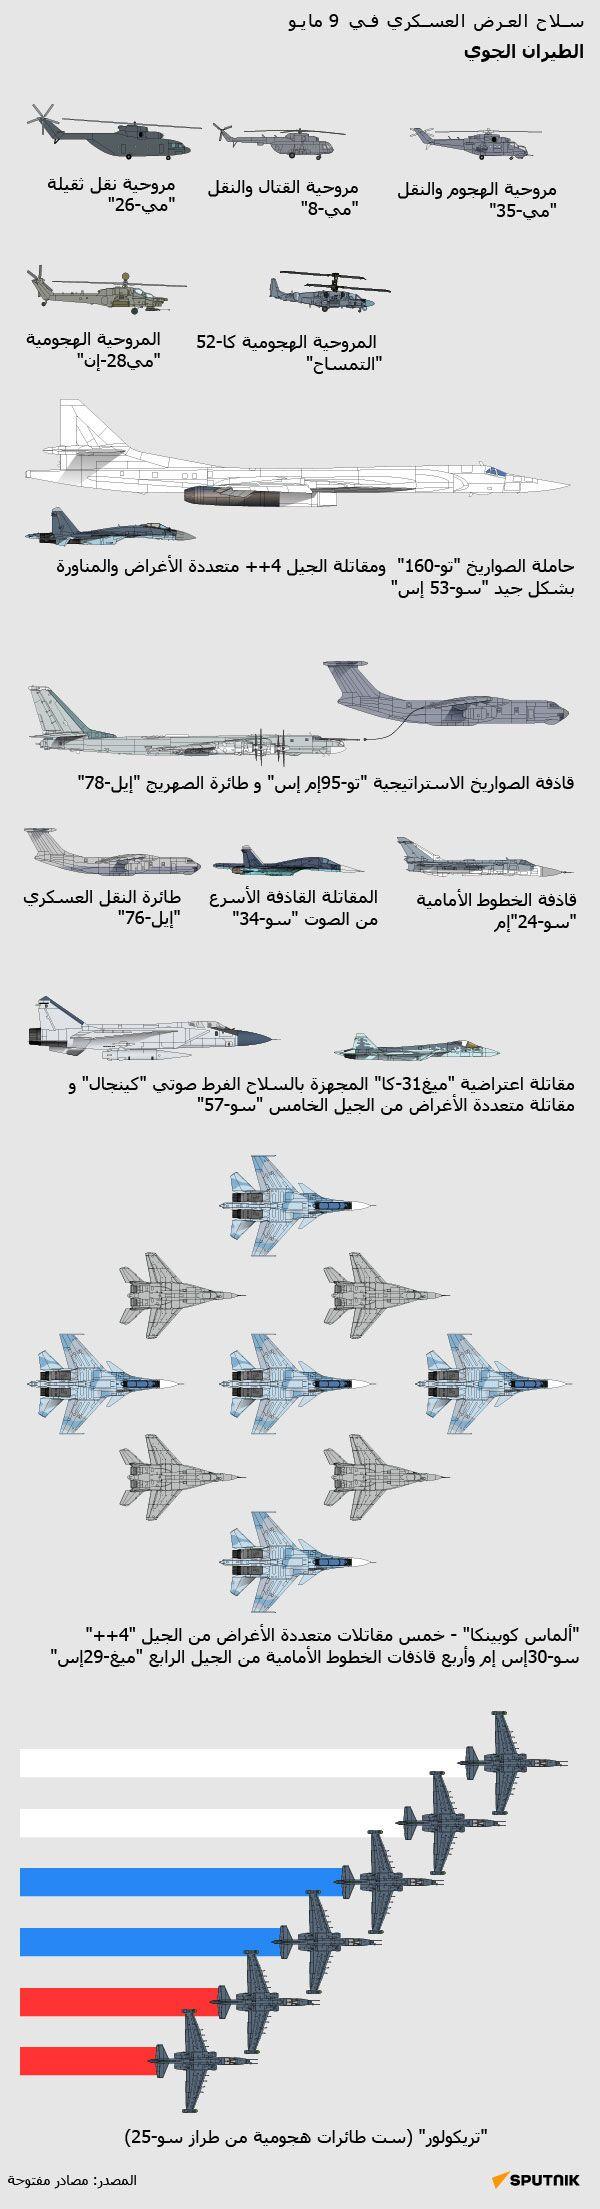 سلاح الجو  العسكري بمناسبة عيد النصر في 9 مايو